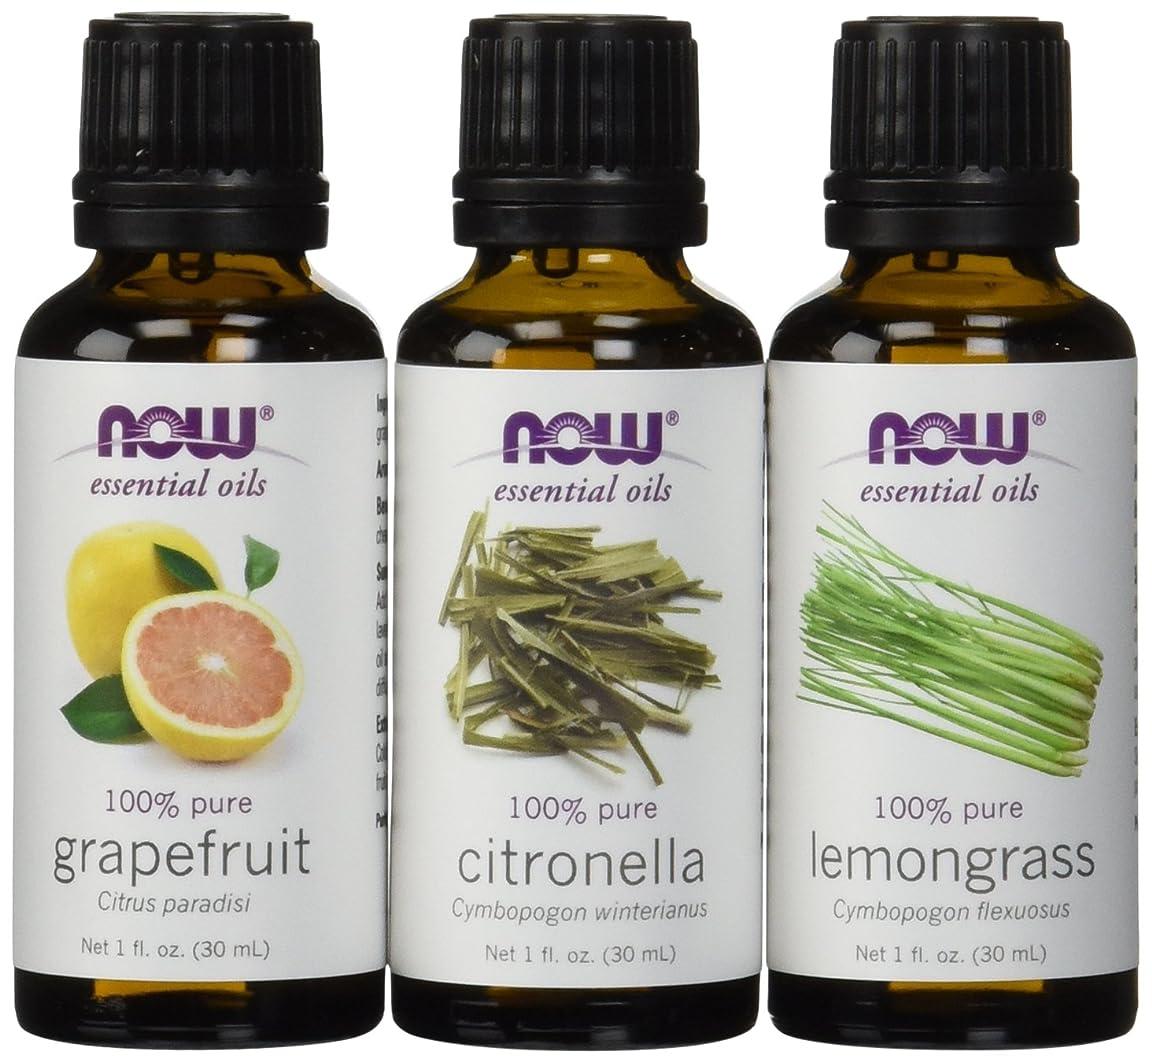 パリティクレーンログ虫除けに ナウフーズ エッセンシャルオイルブレンド:シトロネラ?レモングラス?グレープフルーツ[各30ml] NOW Essential Oils: Mosquito Repellent Blend - Citronella, Lemongrass, Grapefruit 並行輸入品